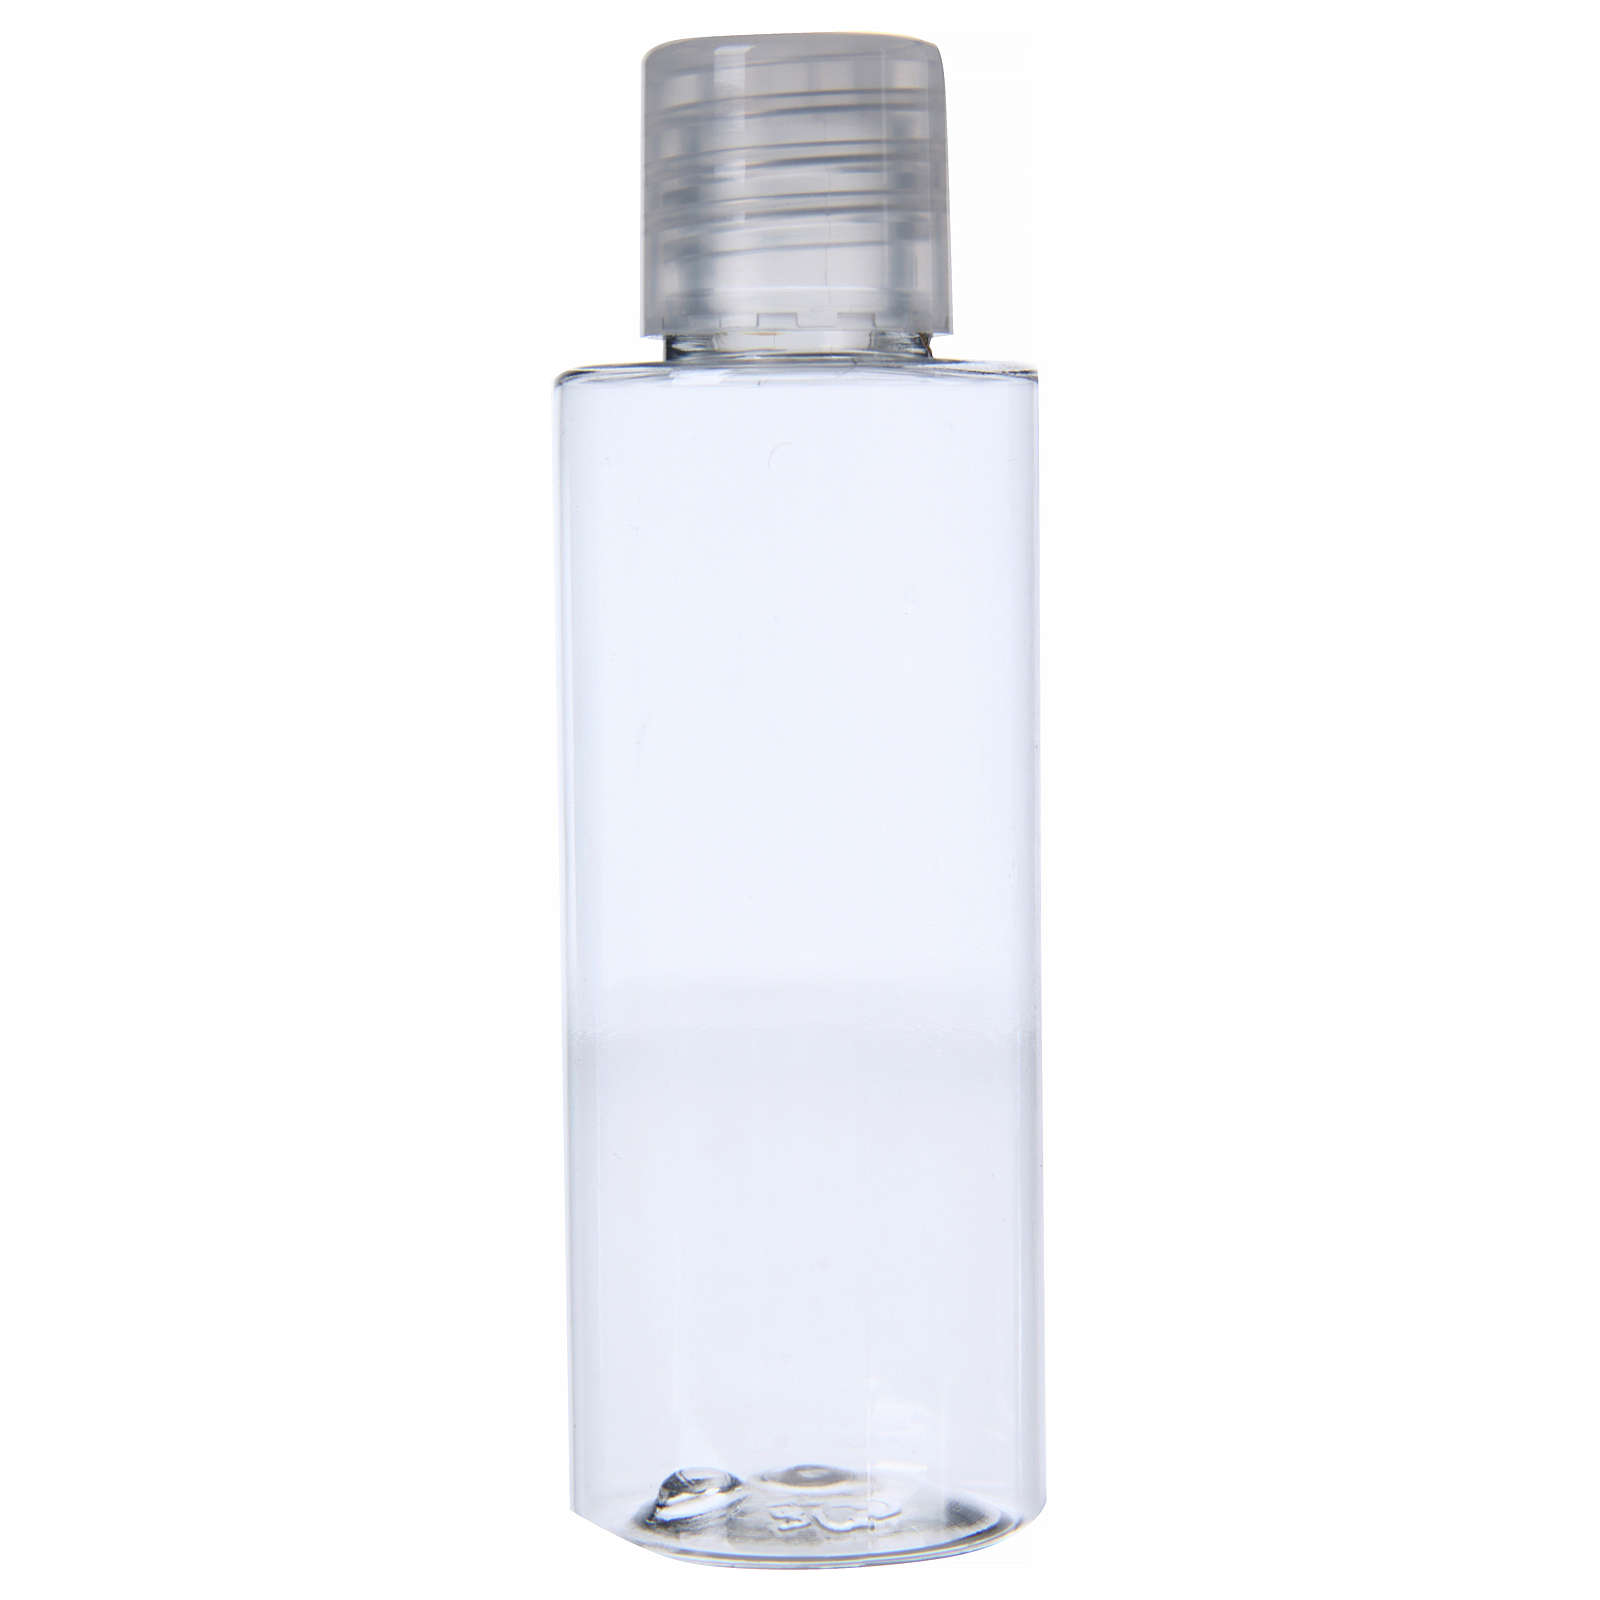 Garrafas para Água Benta cilíndricas 55 ml caixa 100 unidades 3